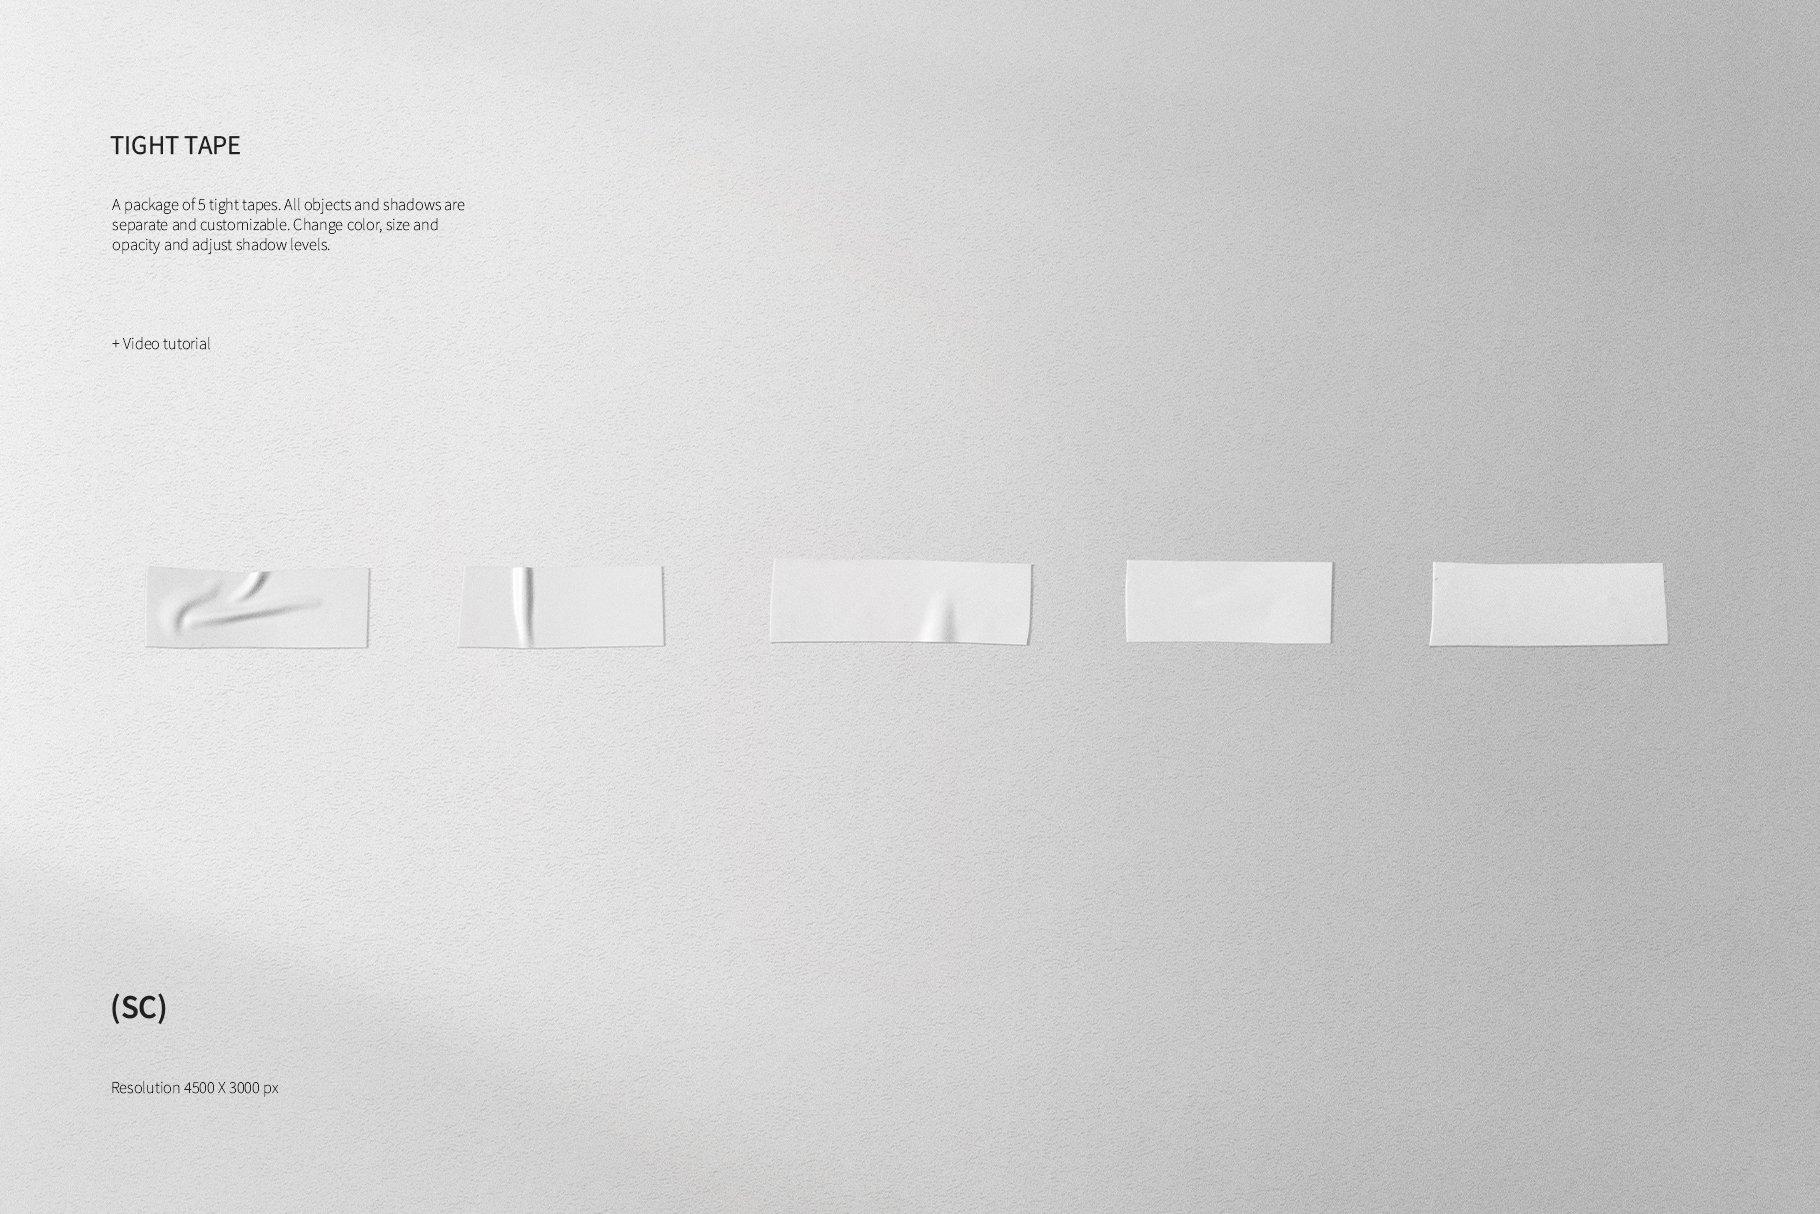 55款高清不干胶胶带贴纸PNG透明免抠图片素材 Tape Creator插图(4)